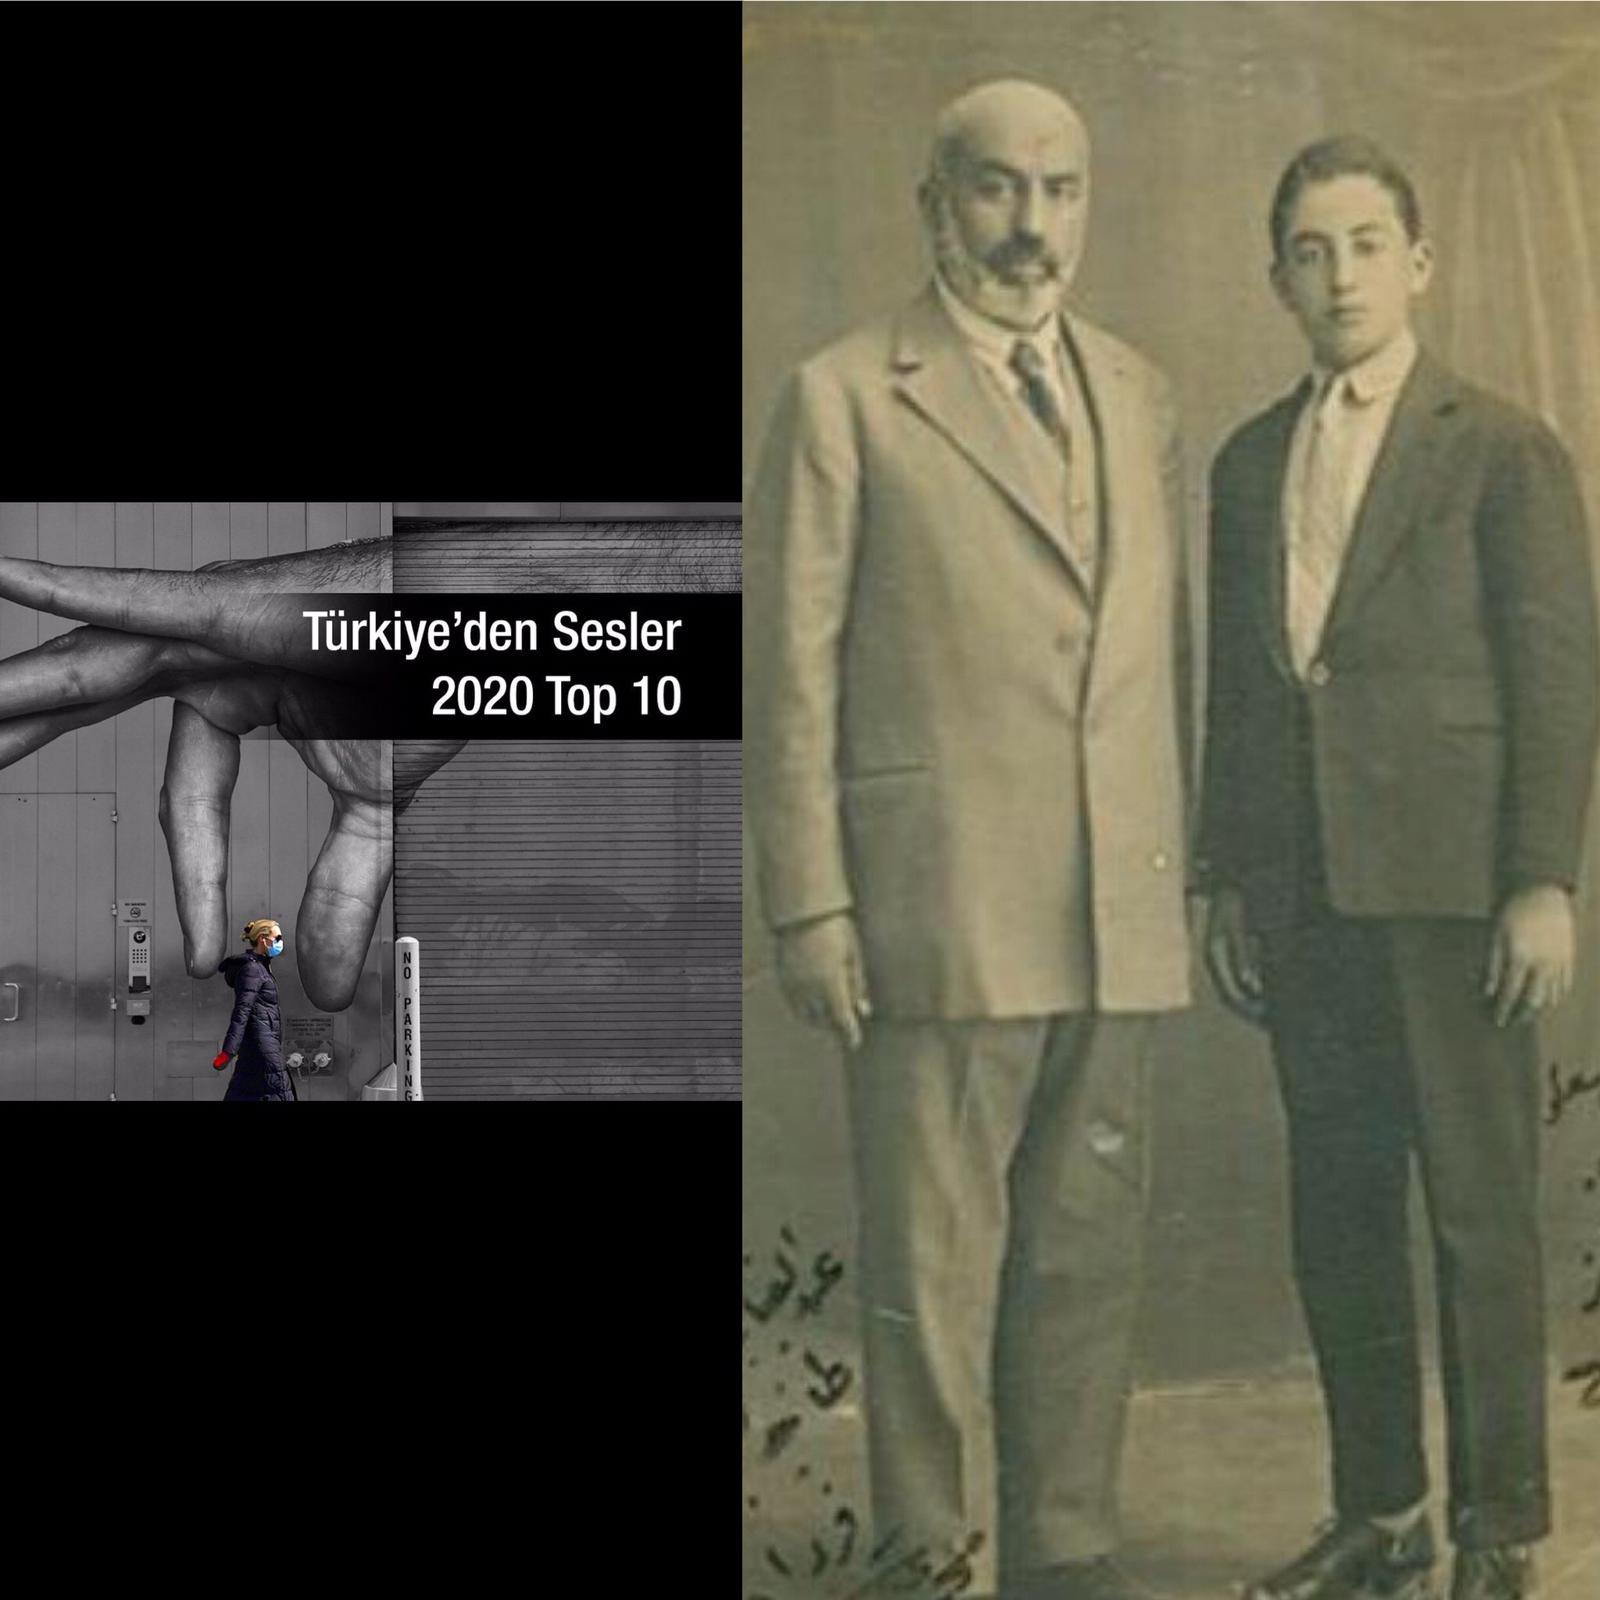 İndependent Türkçe 2020 Top 10: Türkiye'den Sesler: 7- Yusuf Tosun: Akif'in oğlu Emin Ersoy'un hazin ölümü!..